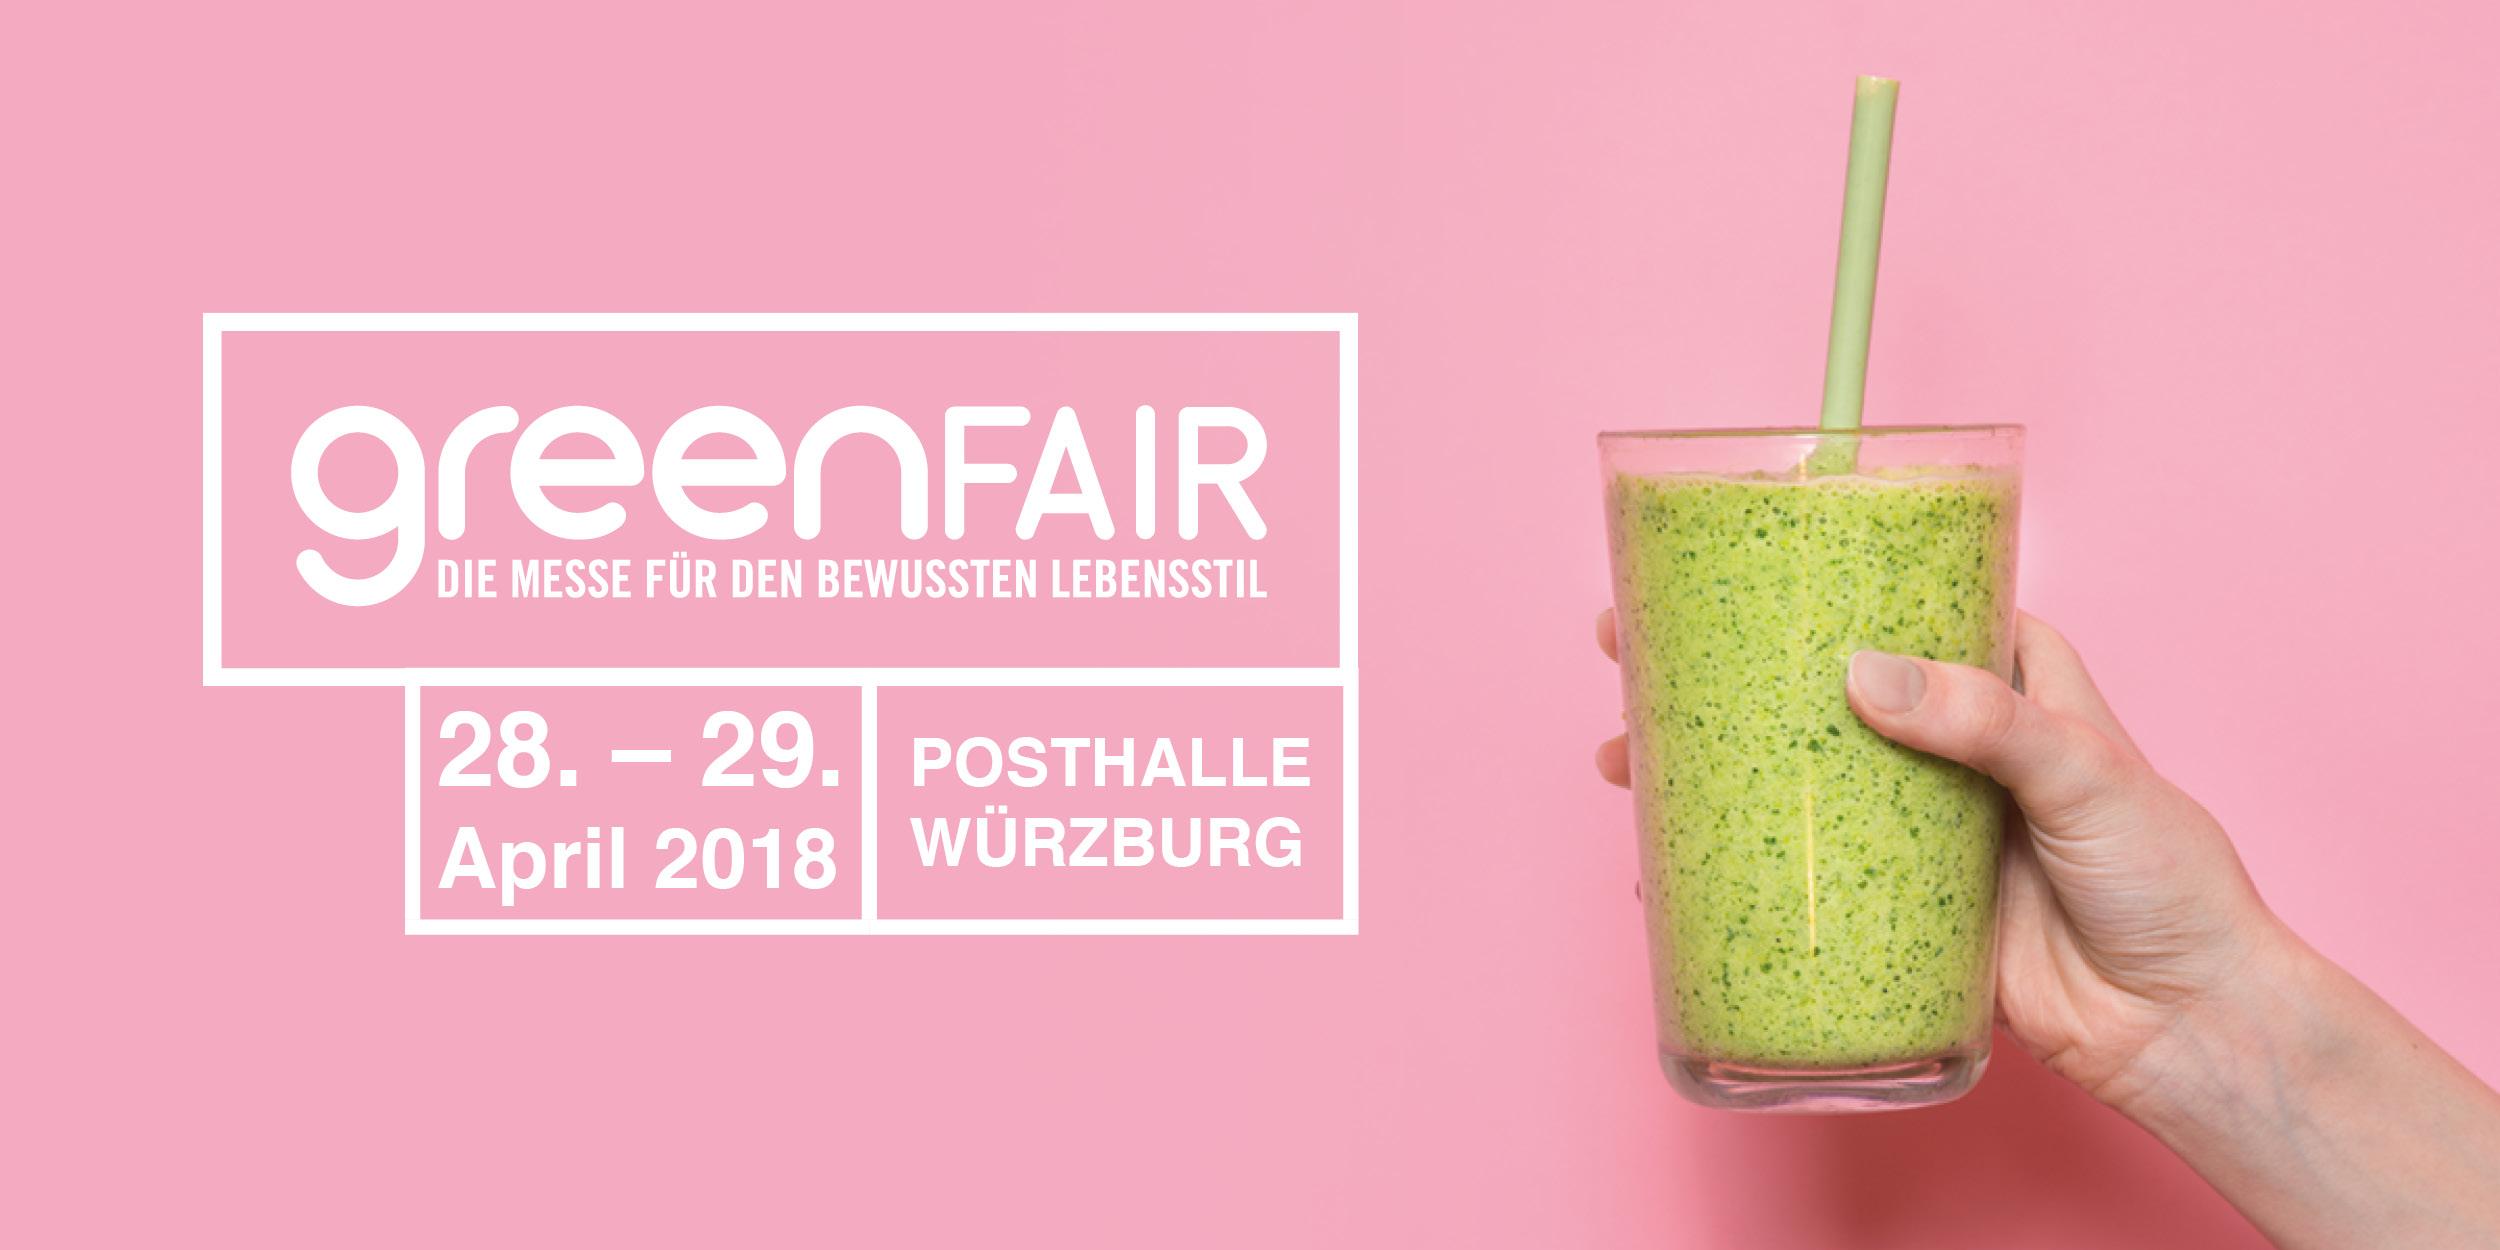 Green Fair - Veranstaltungsbild